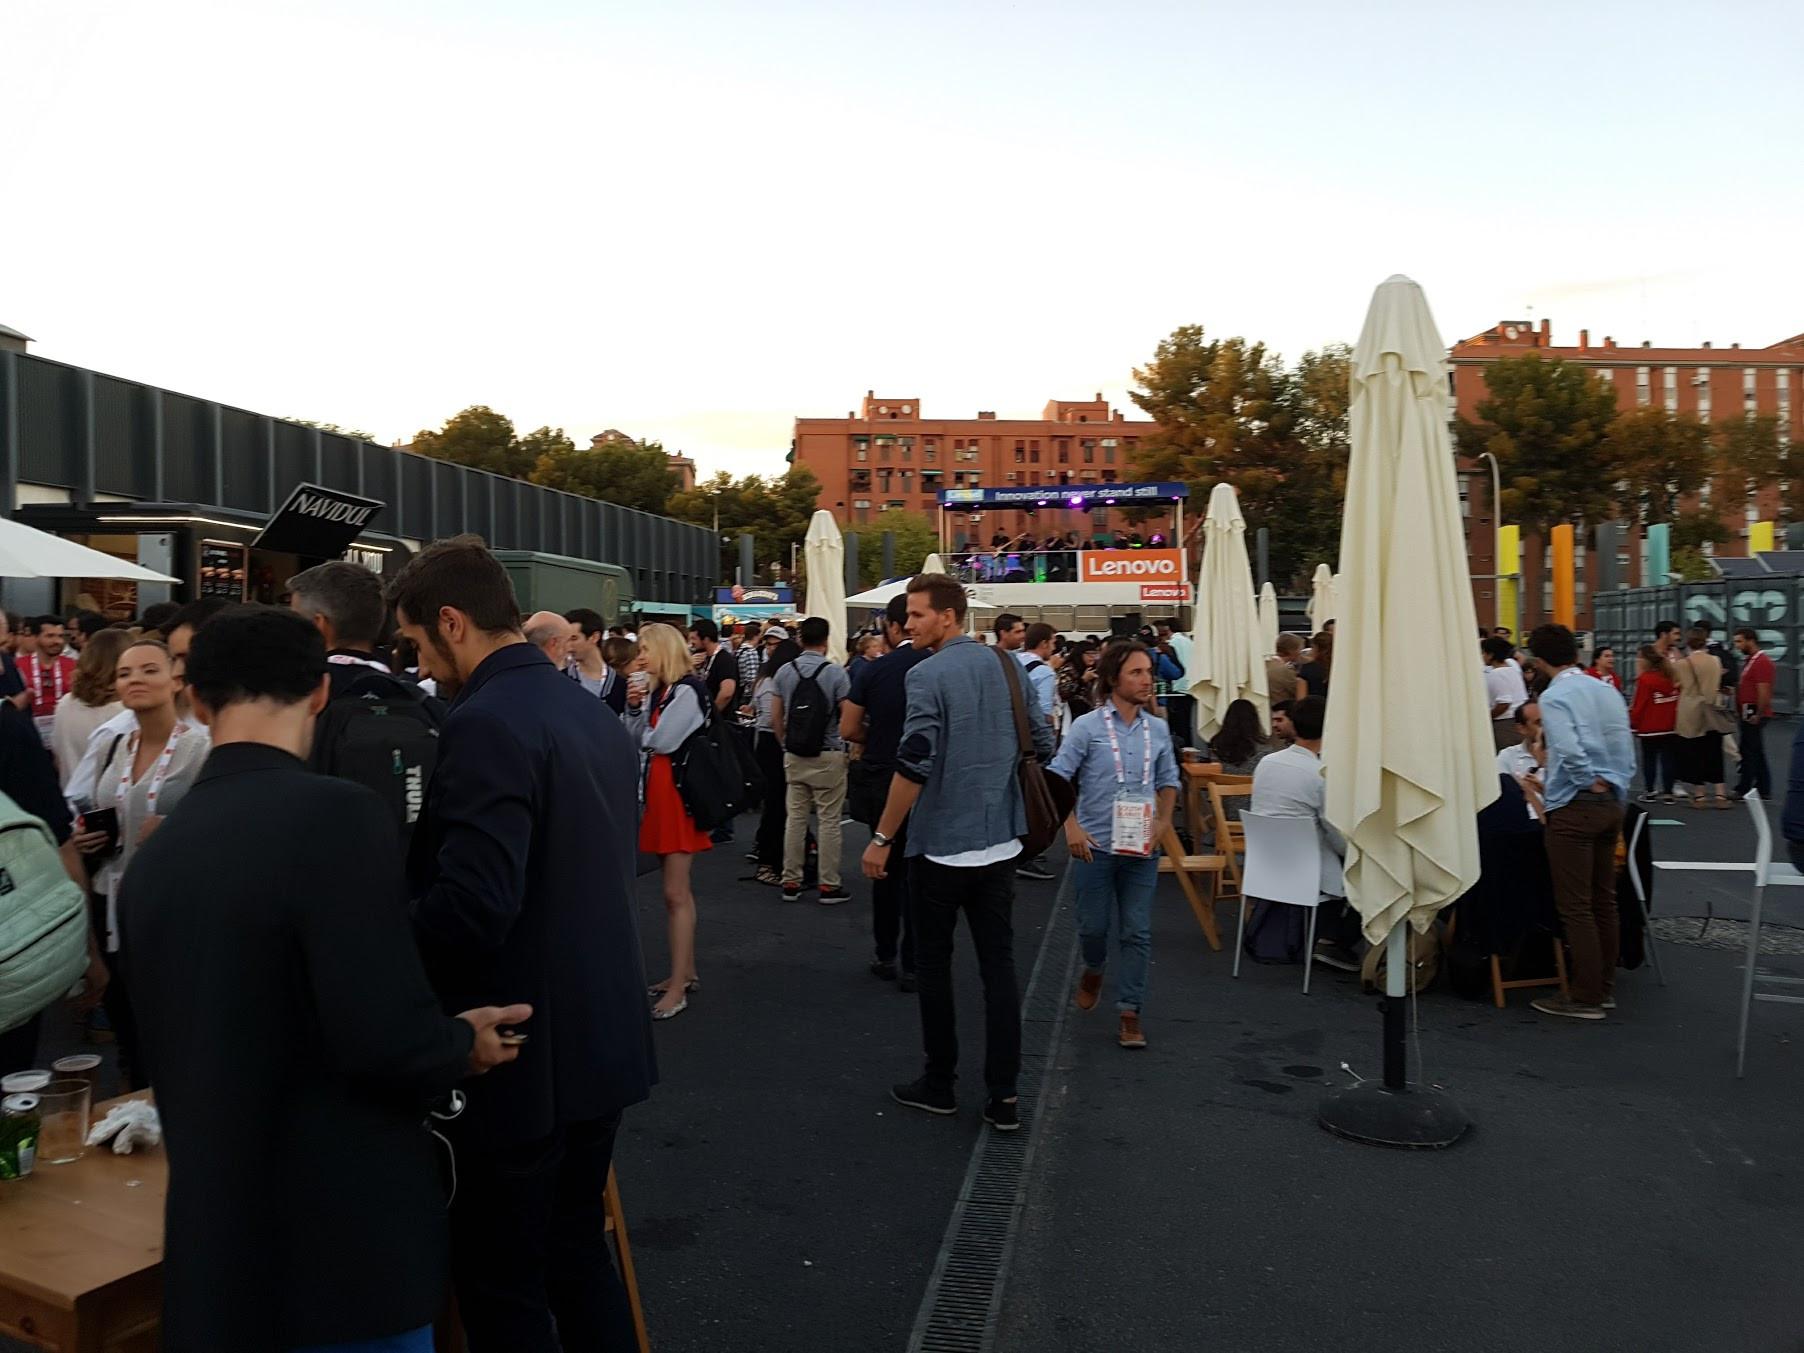 Imagen 8 del evento South Summit 2016 celebrado del 5 al 7 de octubre de 2016 en La Nave, Madrid